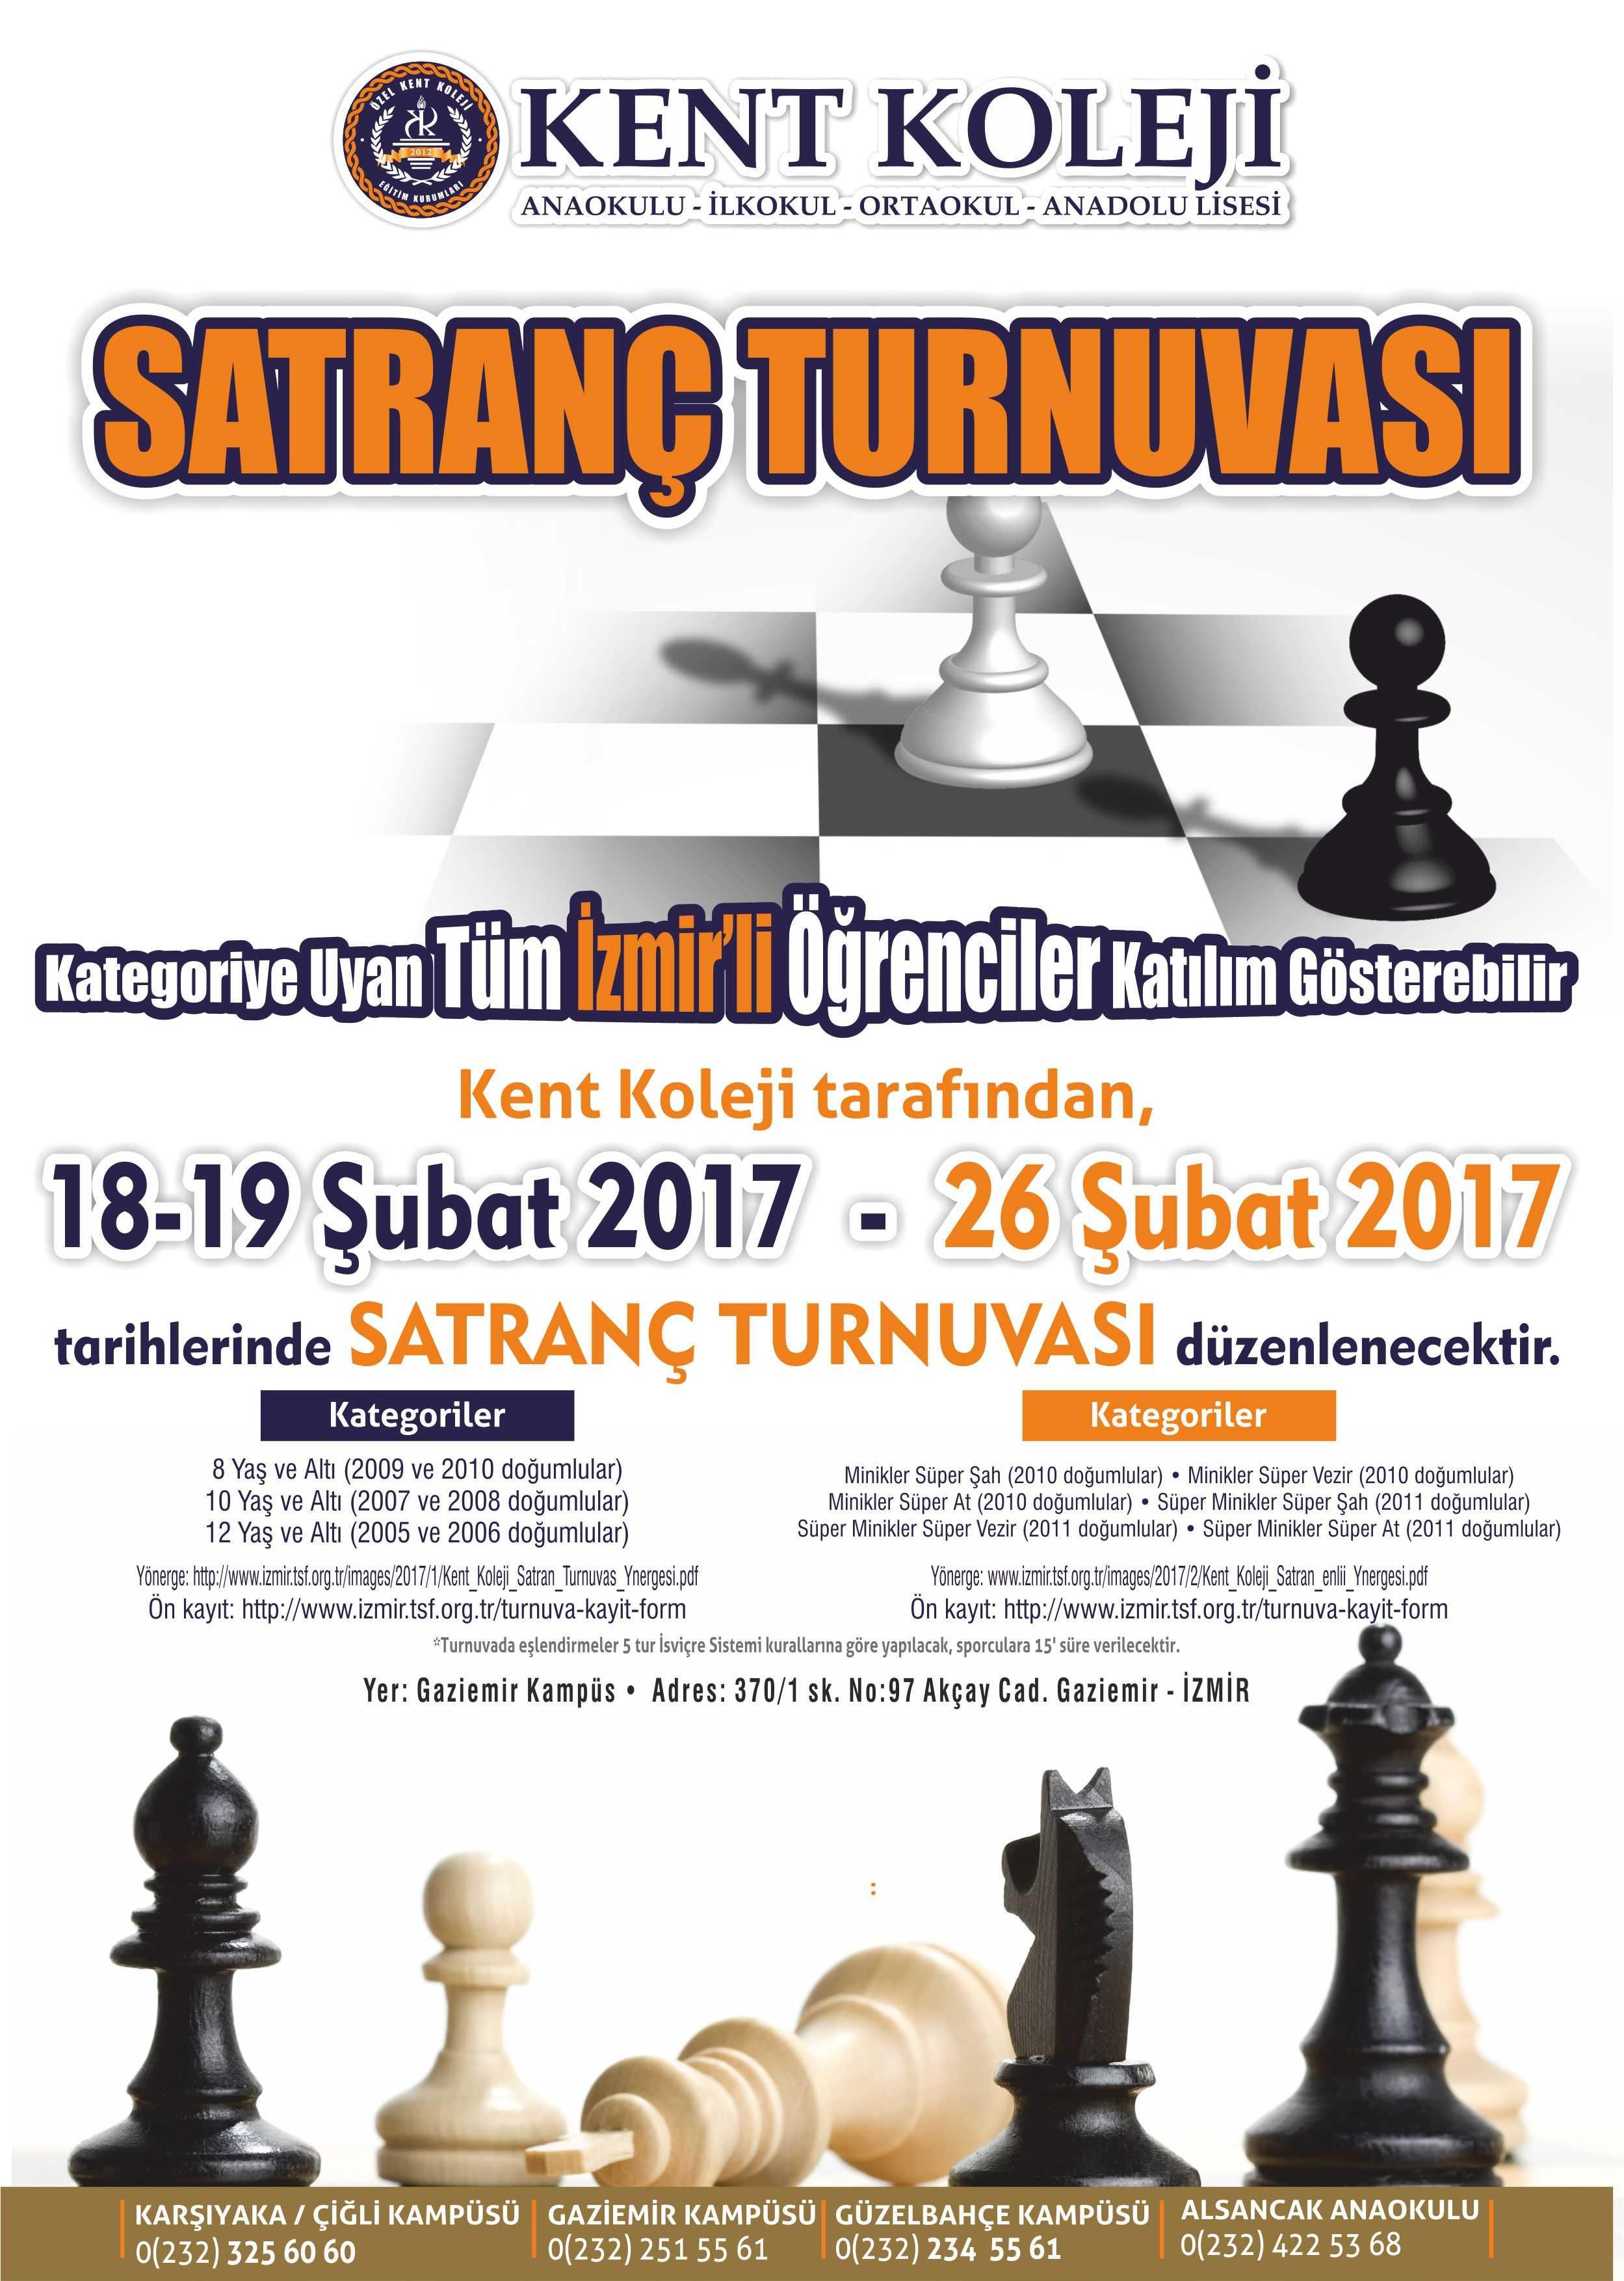 Kent Koleji Satranç Turnuvası